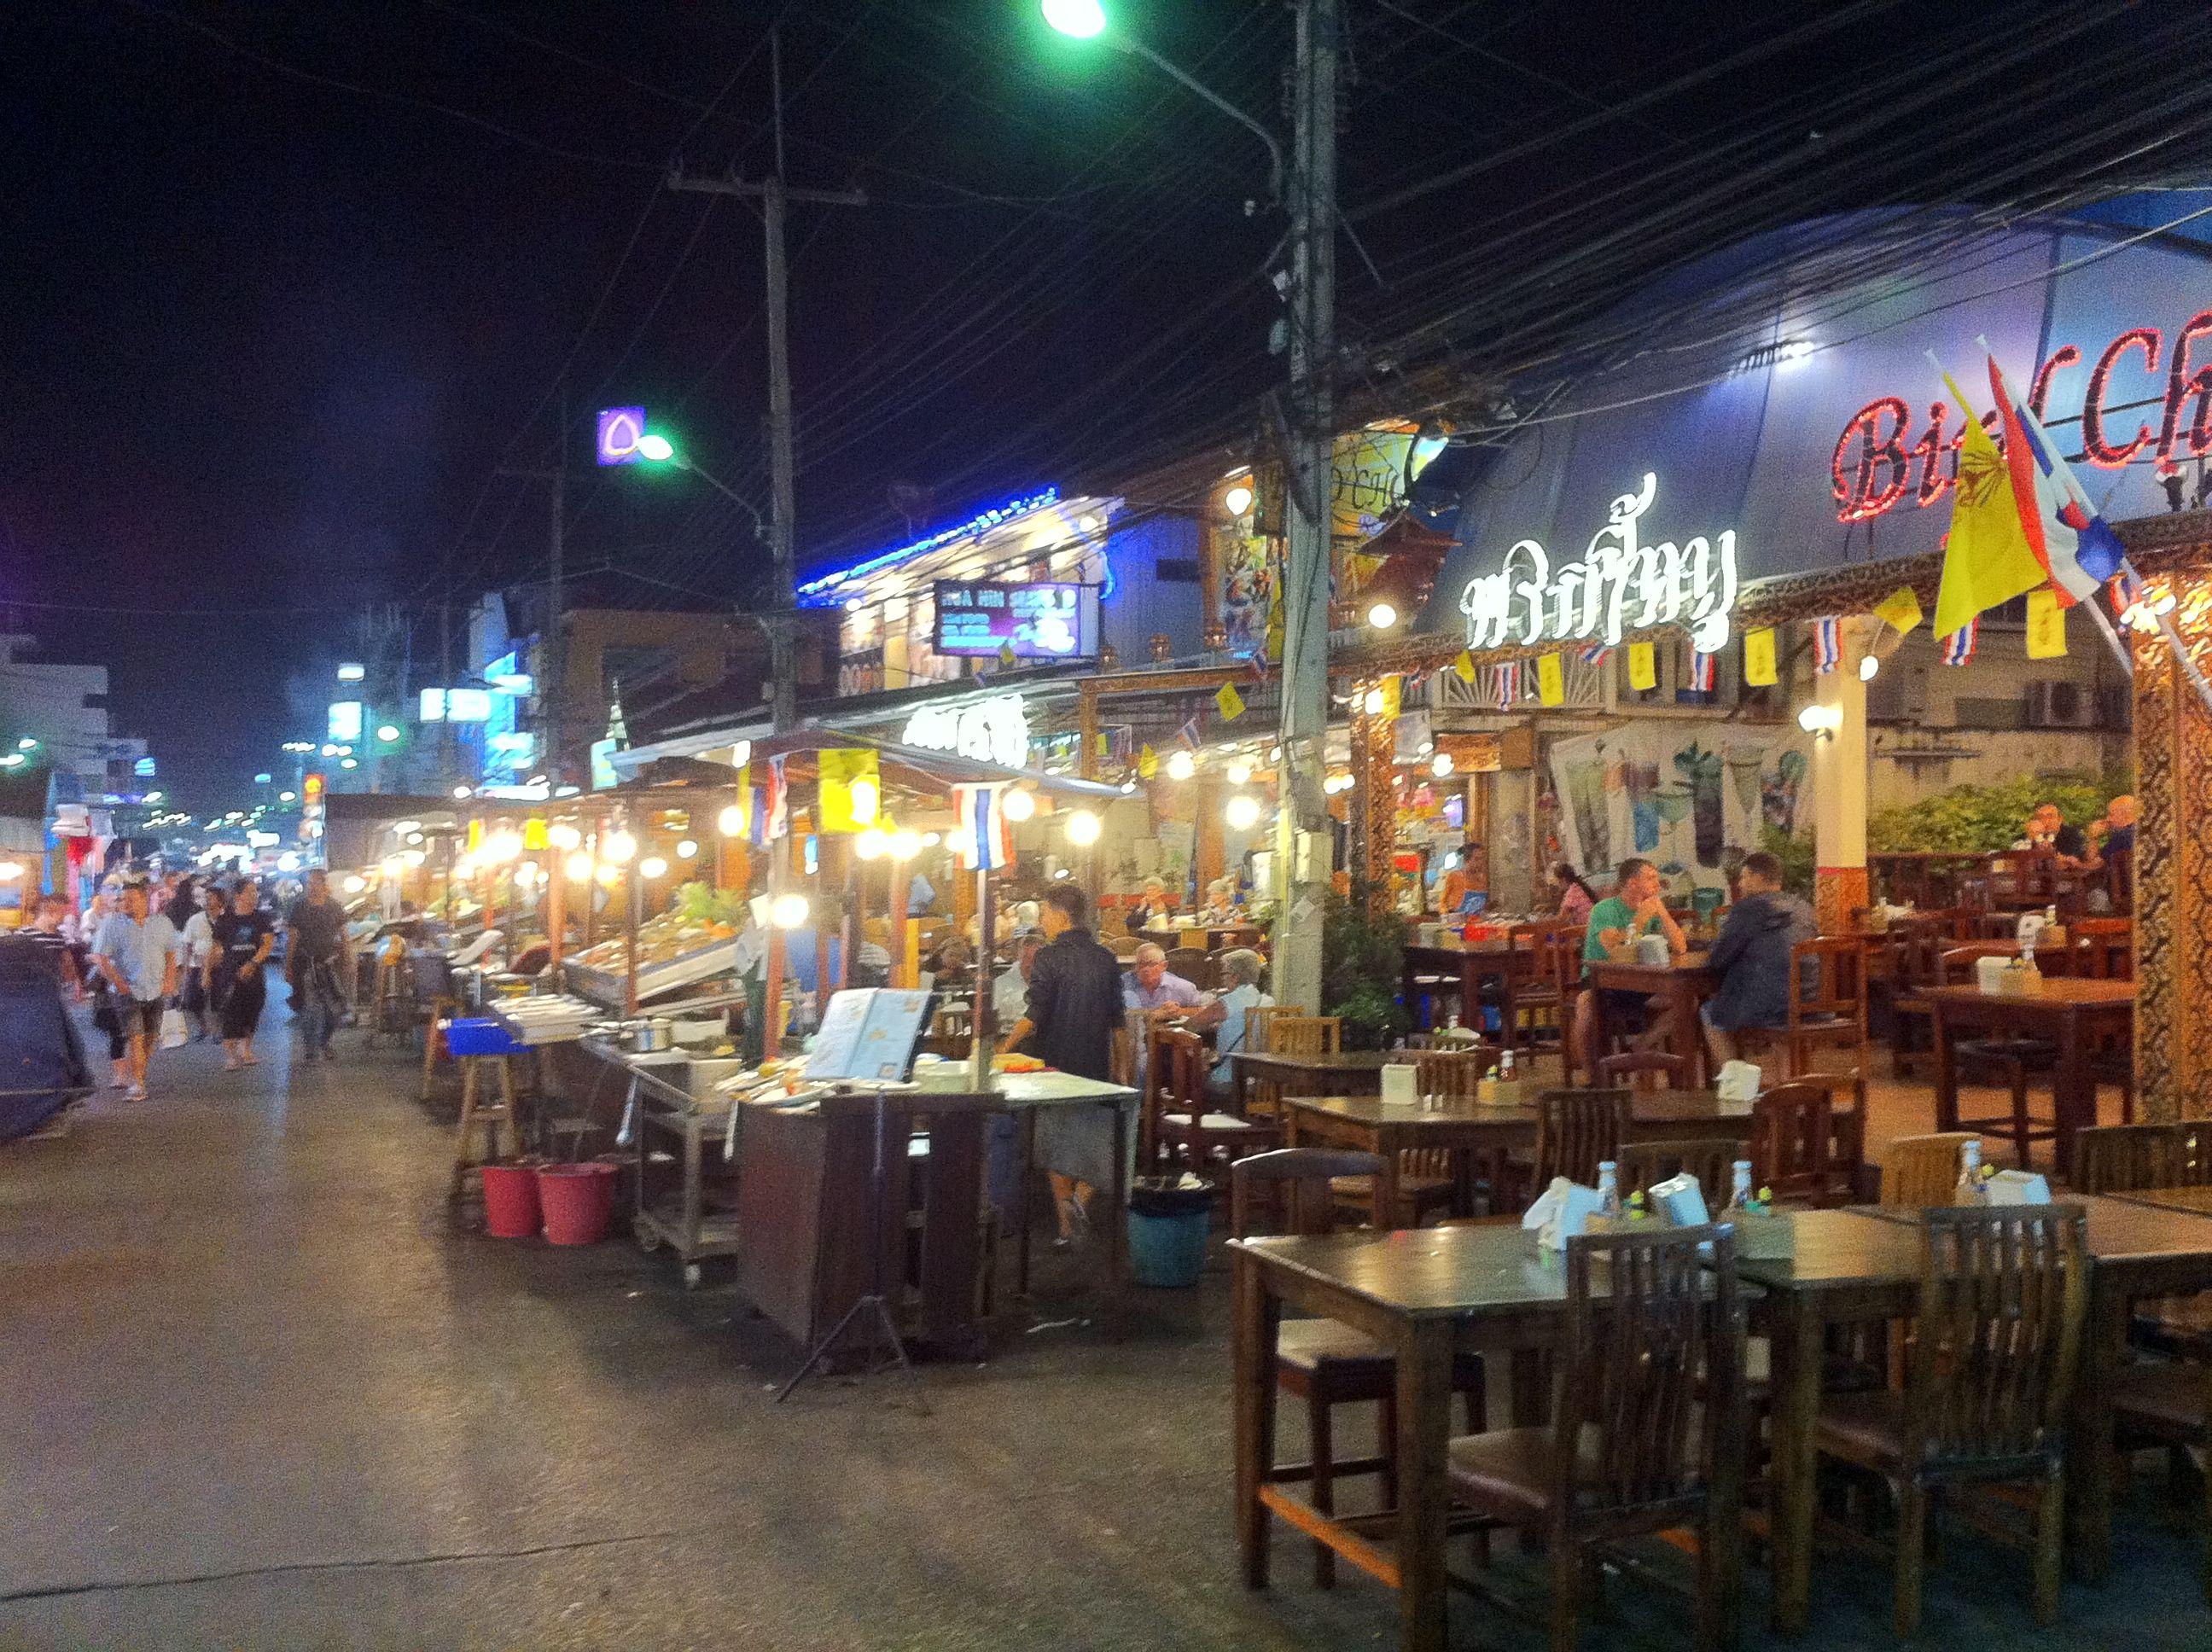 Hua hin thailand night market impressive array of goods